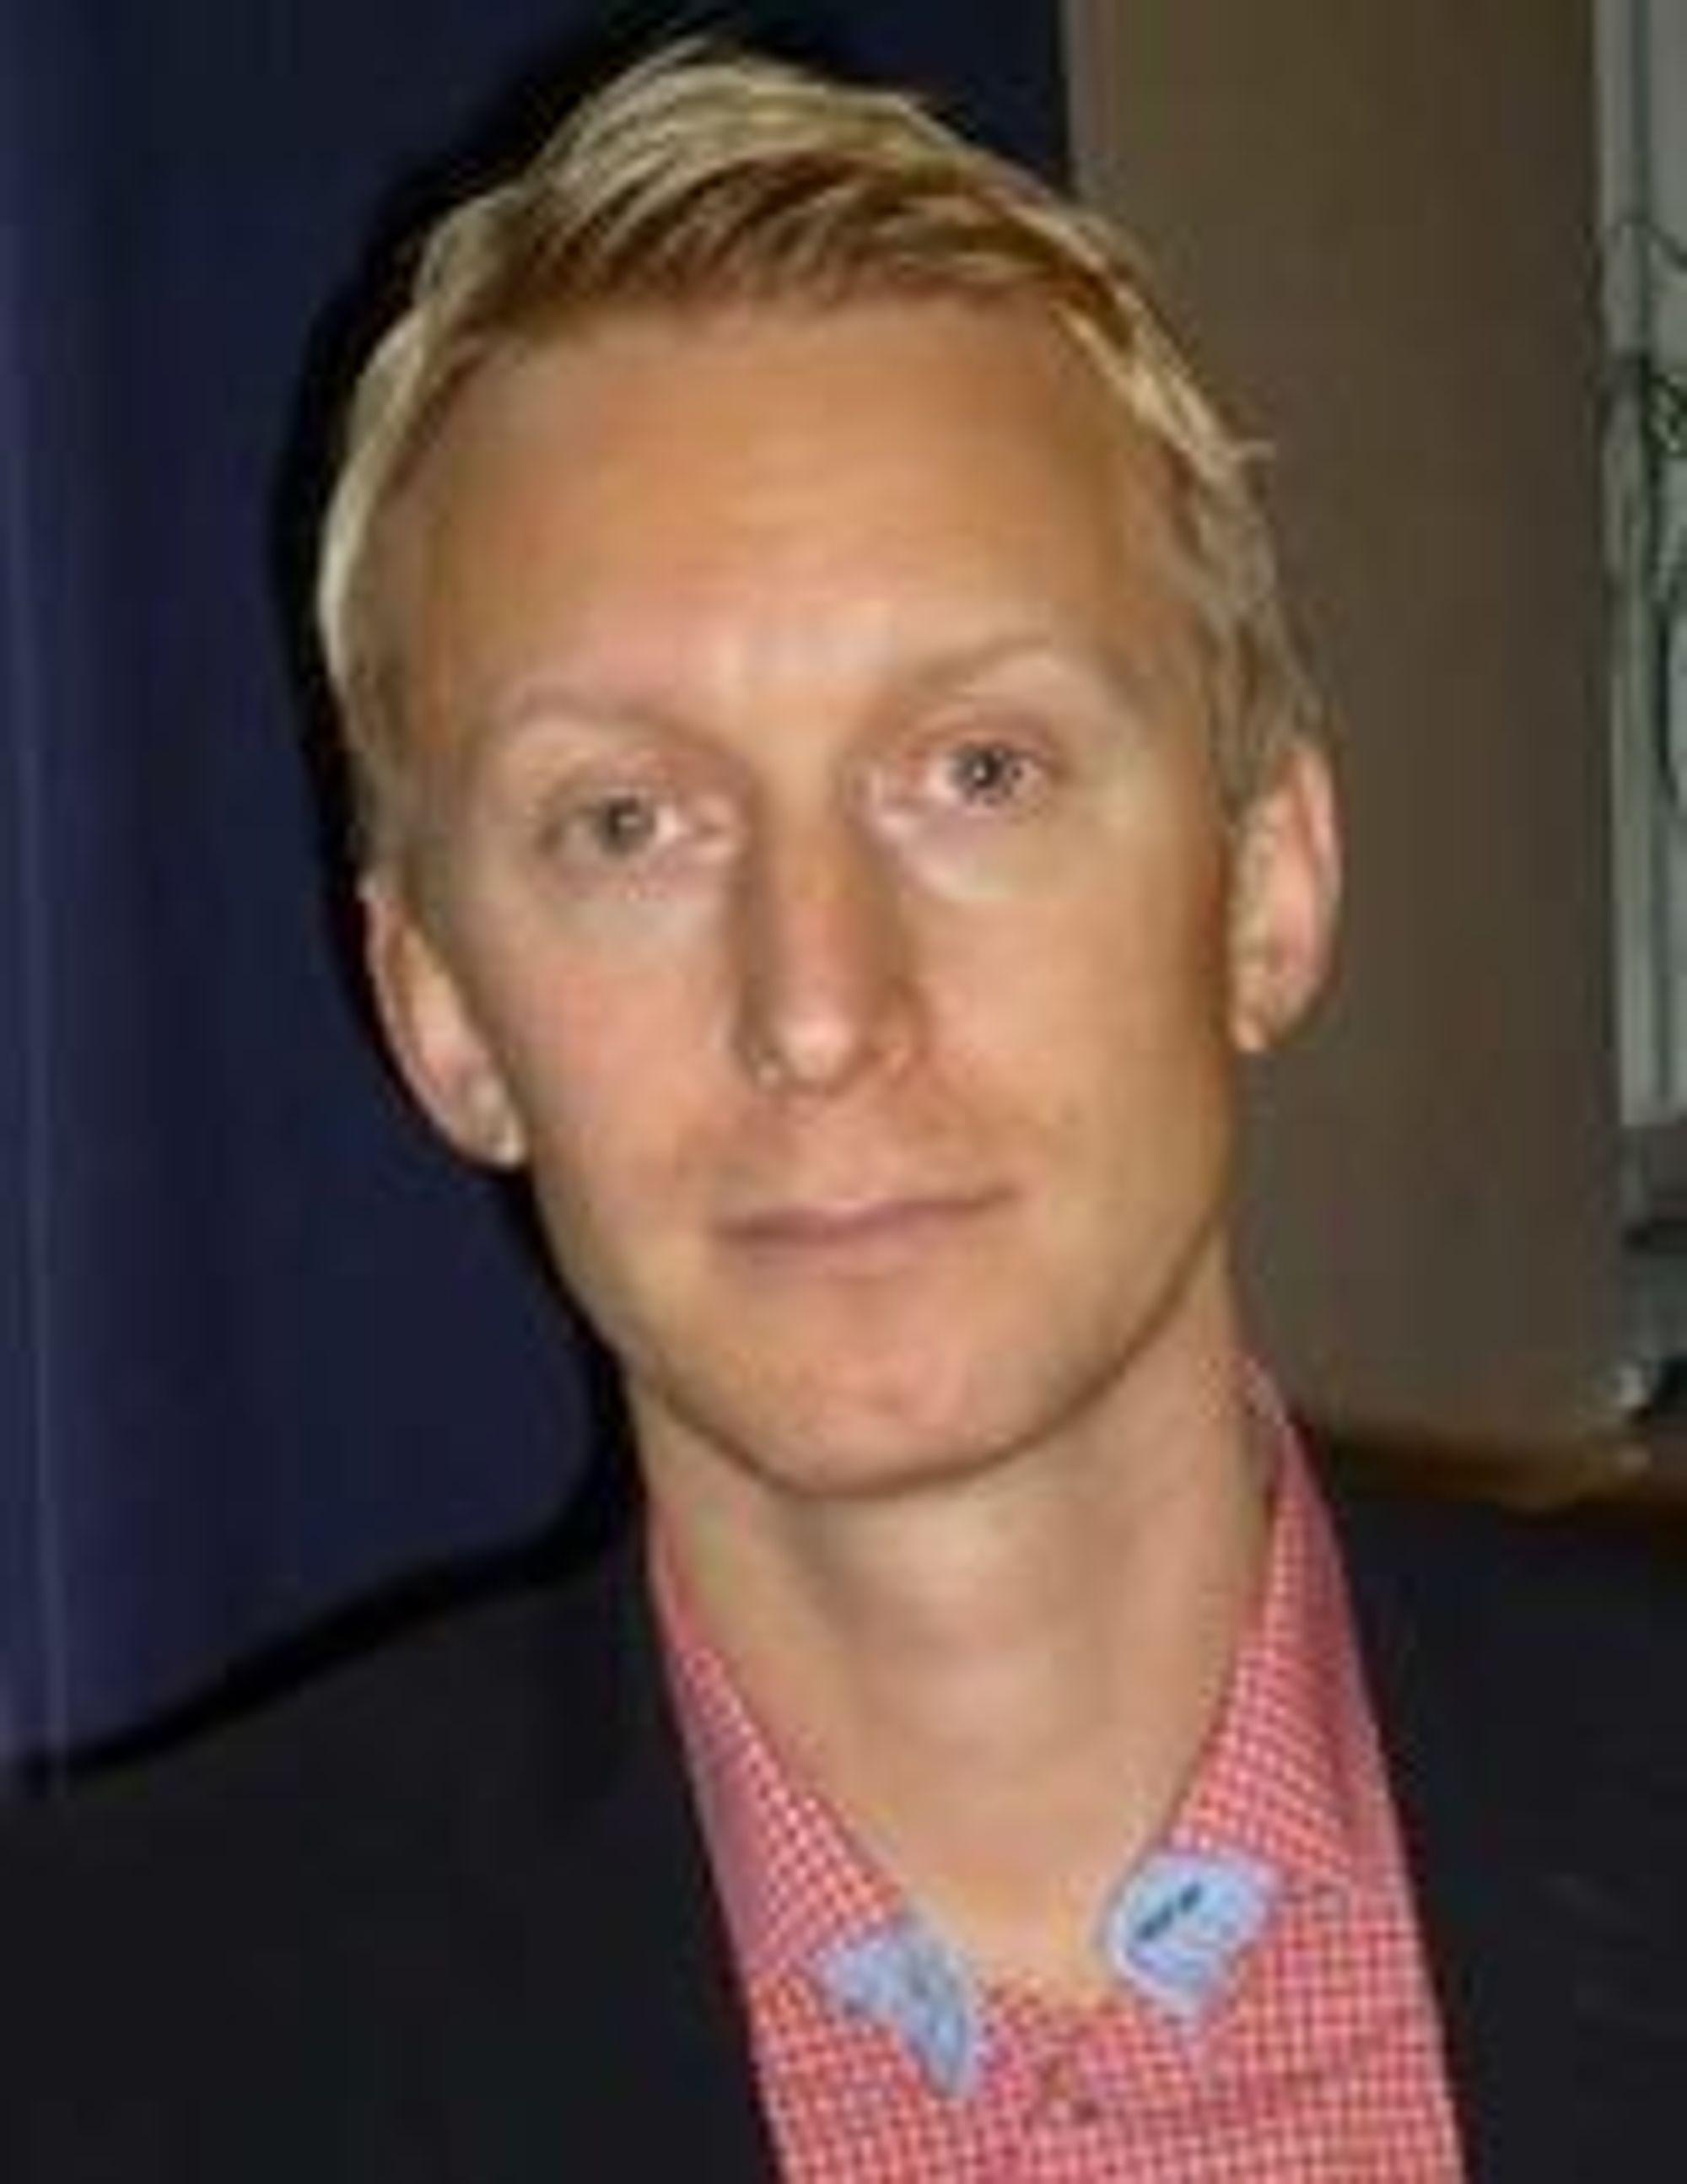 Facebook åpner nå kontor i Norden. Salgssjef Martin Ingemansson skal lede virksomheten fra Stockholm.